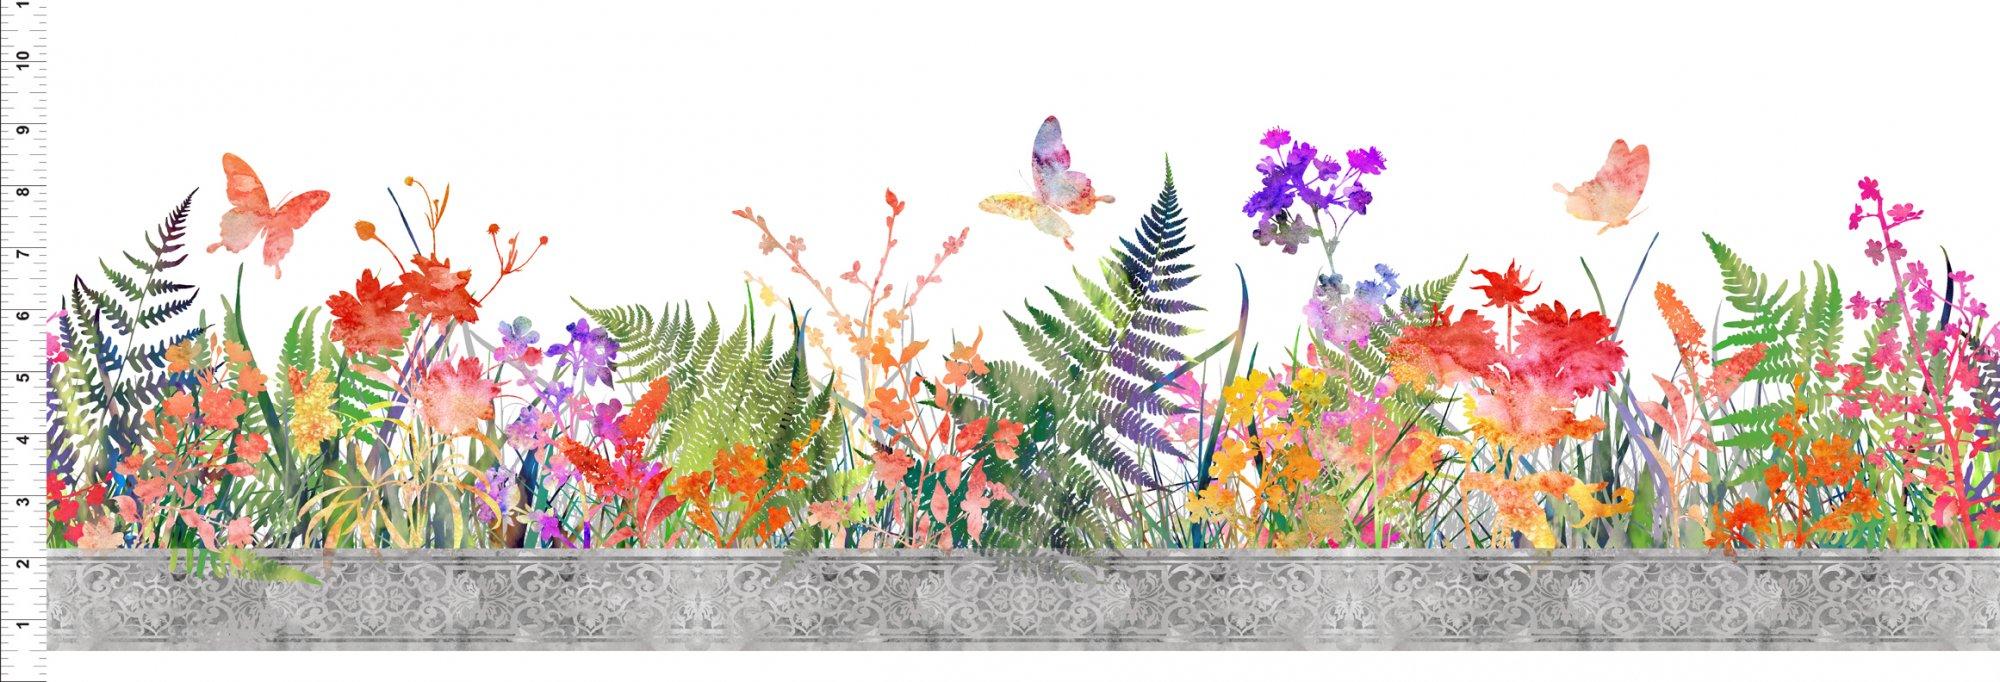 In The Beginning Fabrics- Garden of Dreams 8JYL1